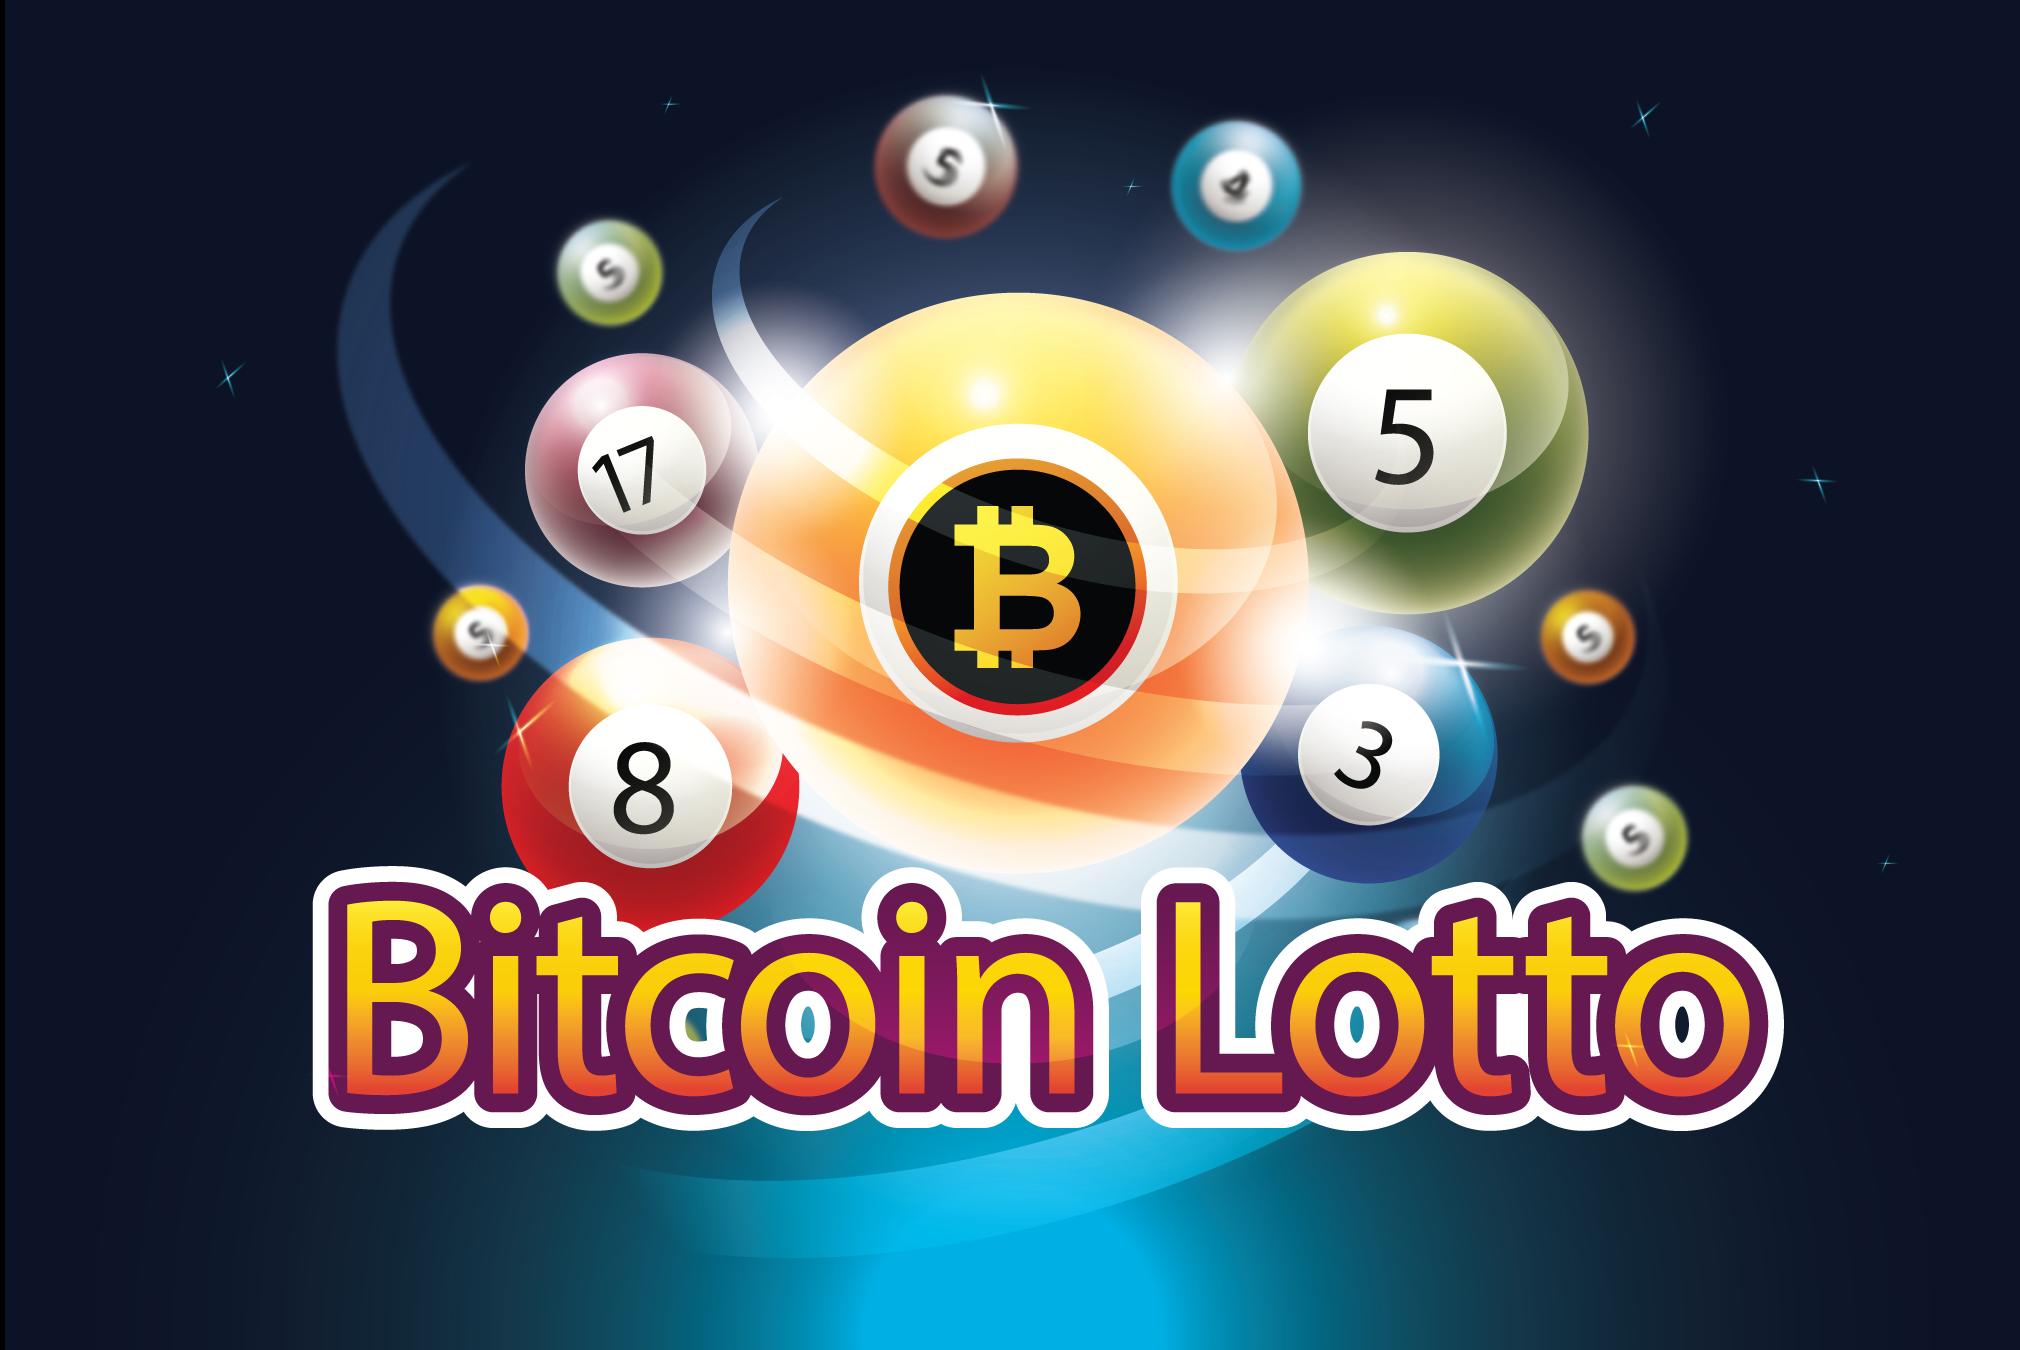 Már magyarul is elérhető a világ első Bitcoin lottója